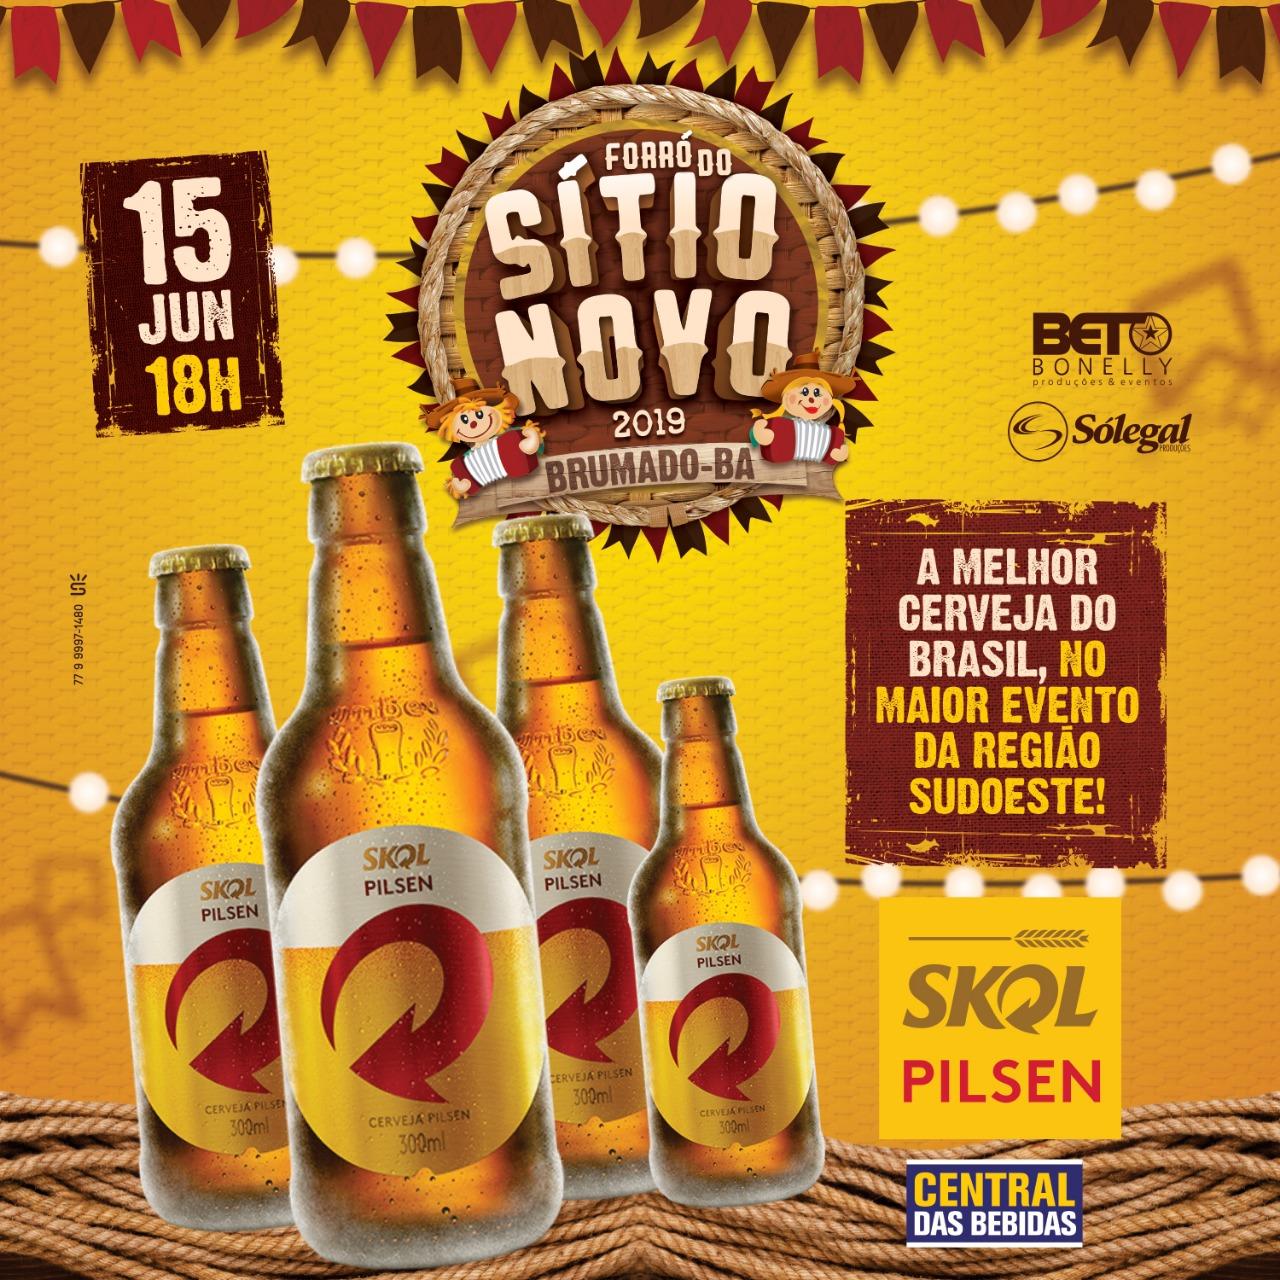 Forró do Sítio Novo 2019: Skol será a cerveja oficial da festa